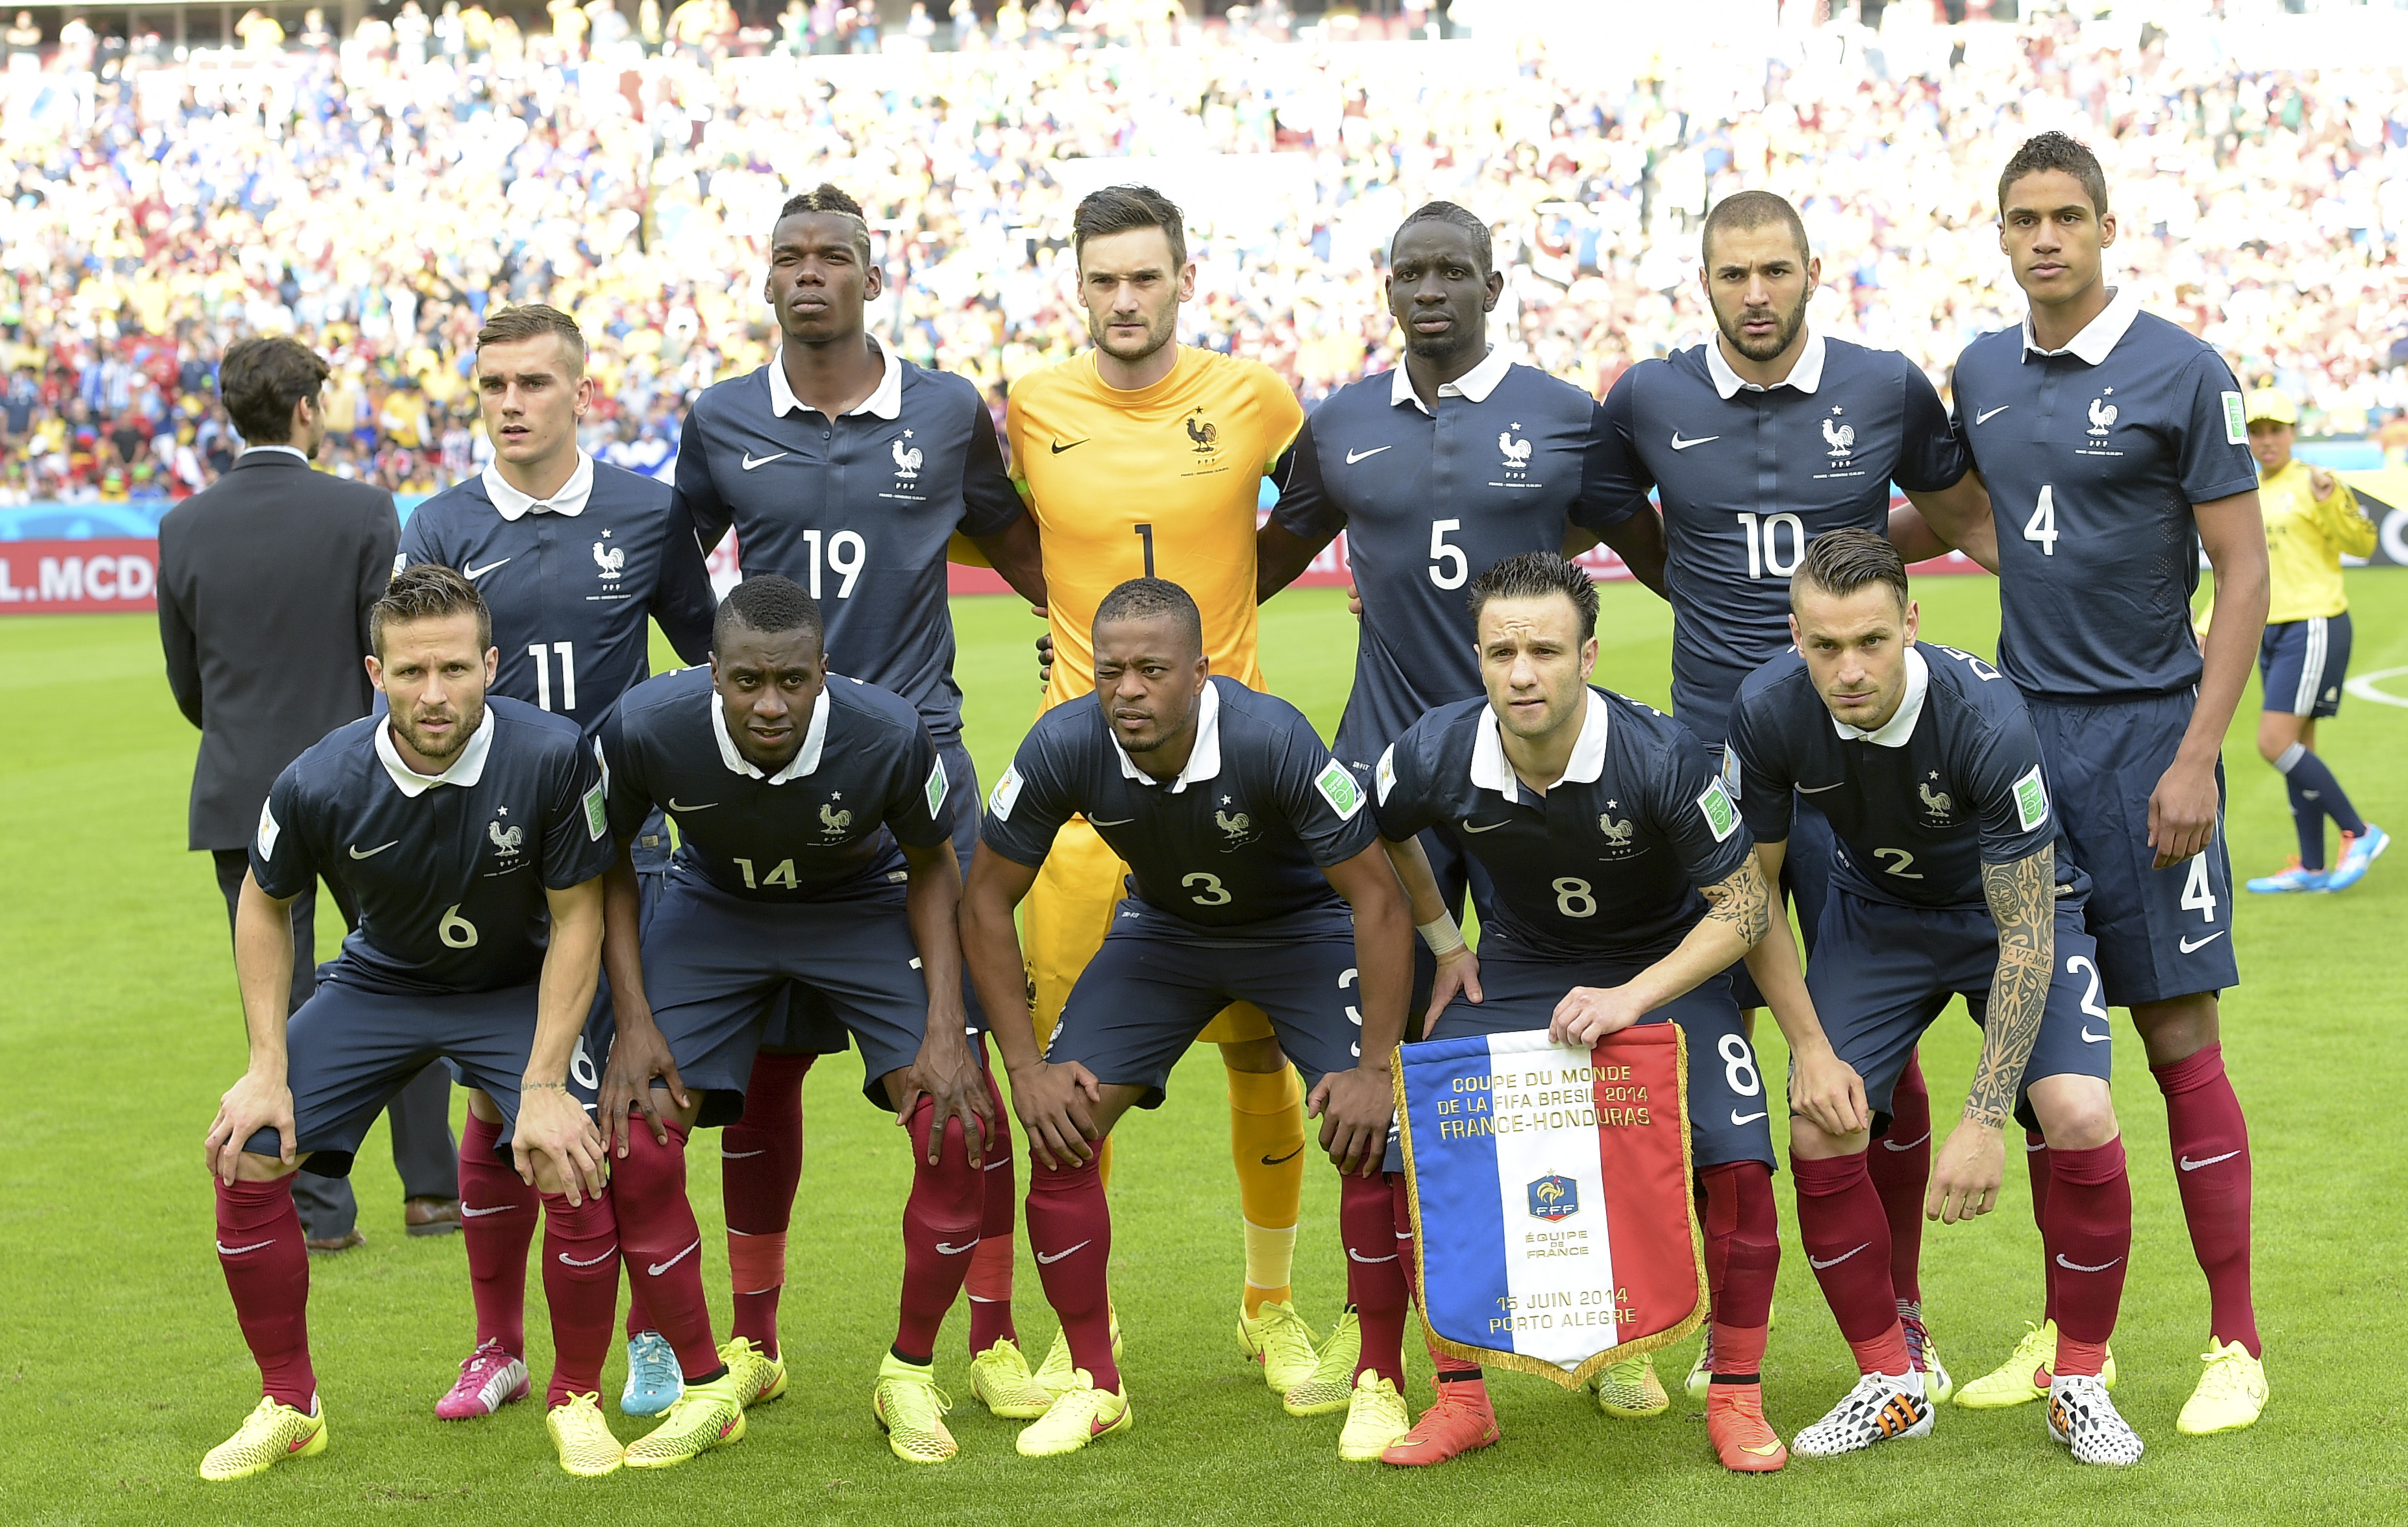 Marseillaise sakho d nonce un manque de respect equipe de france 2014 br sil coupe du - Classement equipe de france coupe du monde 2014 ...